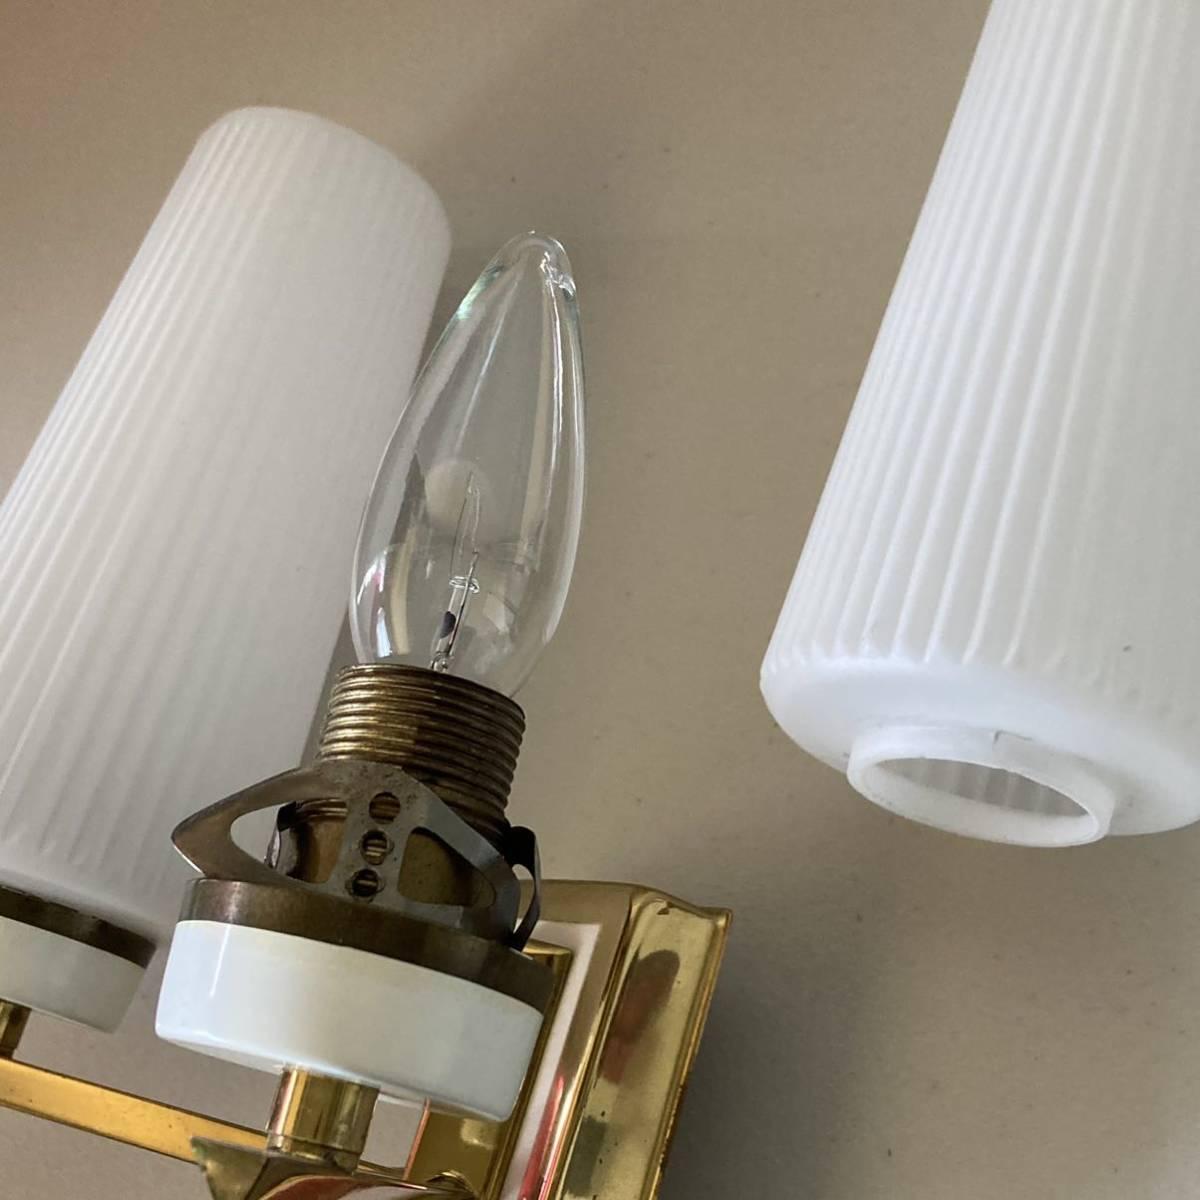 ドイツ50's ヴィンテージ ウォールランプ ブラケットランプ ガラスシェード アンティーク インテリア ディスプレイ 照明デザイン 店舗什器_画像9